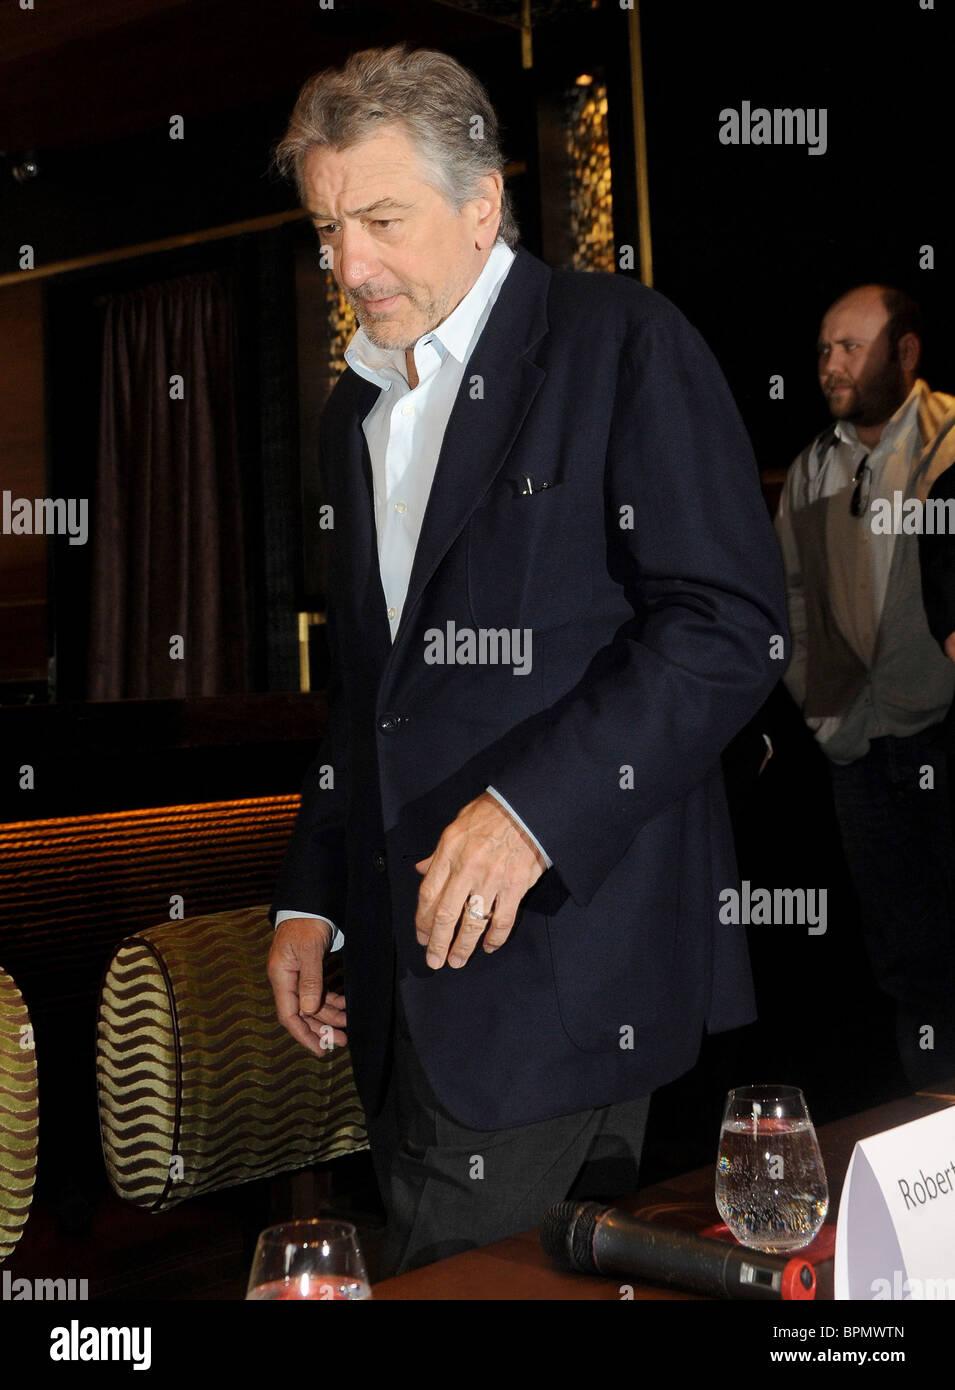 Robert De Niro opens restaurant in Moscow - Stock Image